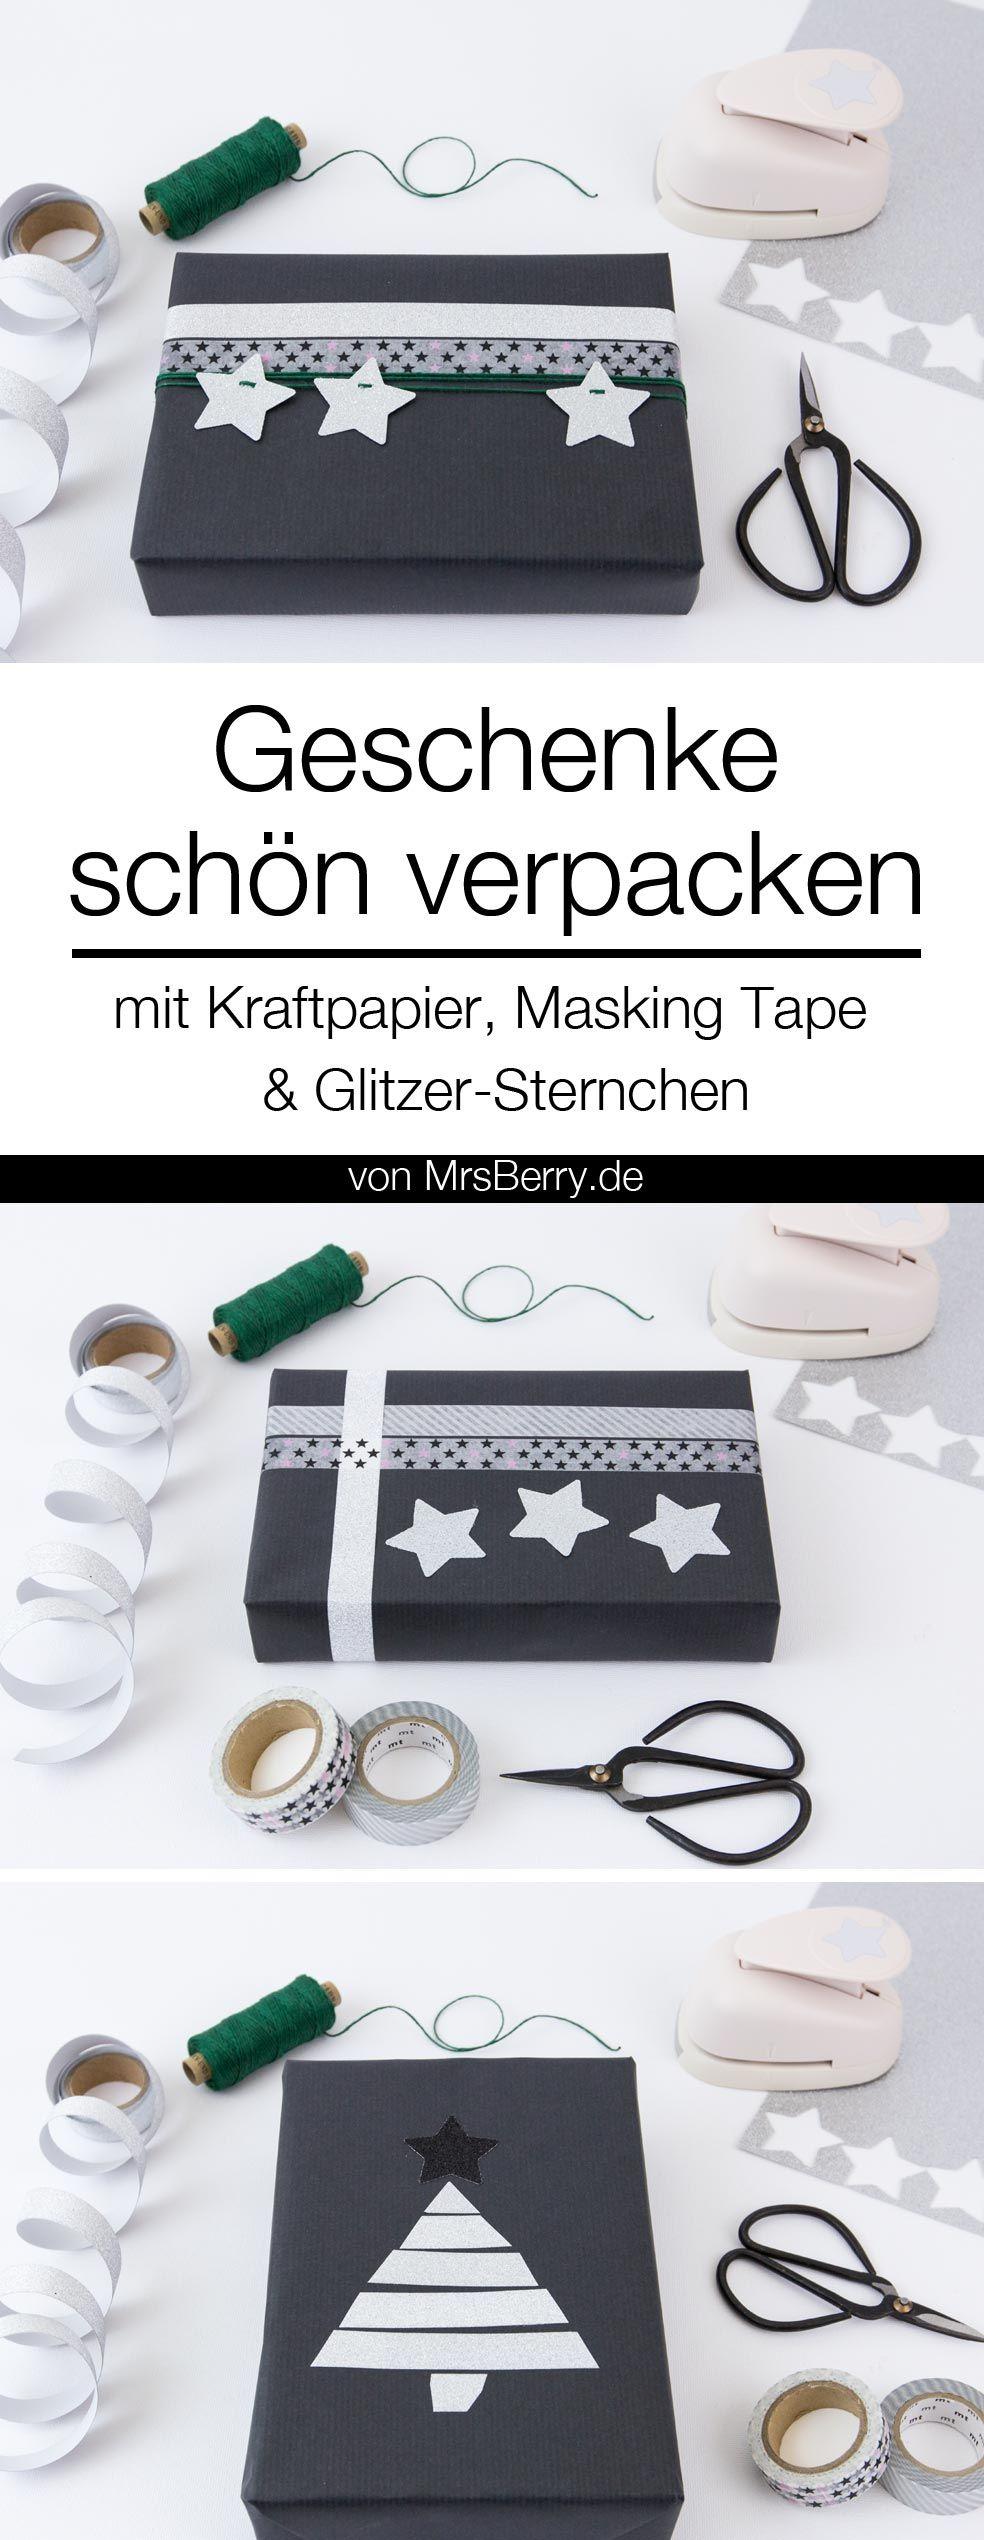 Geschenke schön verpacken mit Kraftpapier | MrsBerry Familien-Reiseblog | Über das Leben und Reisen mit Kind #geschenkeverpacken